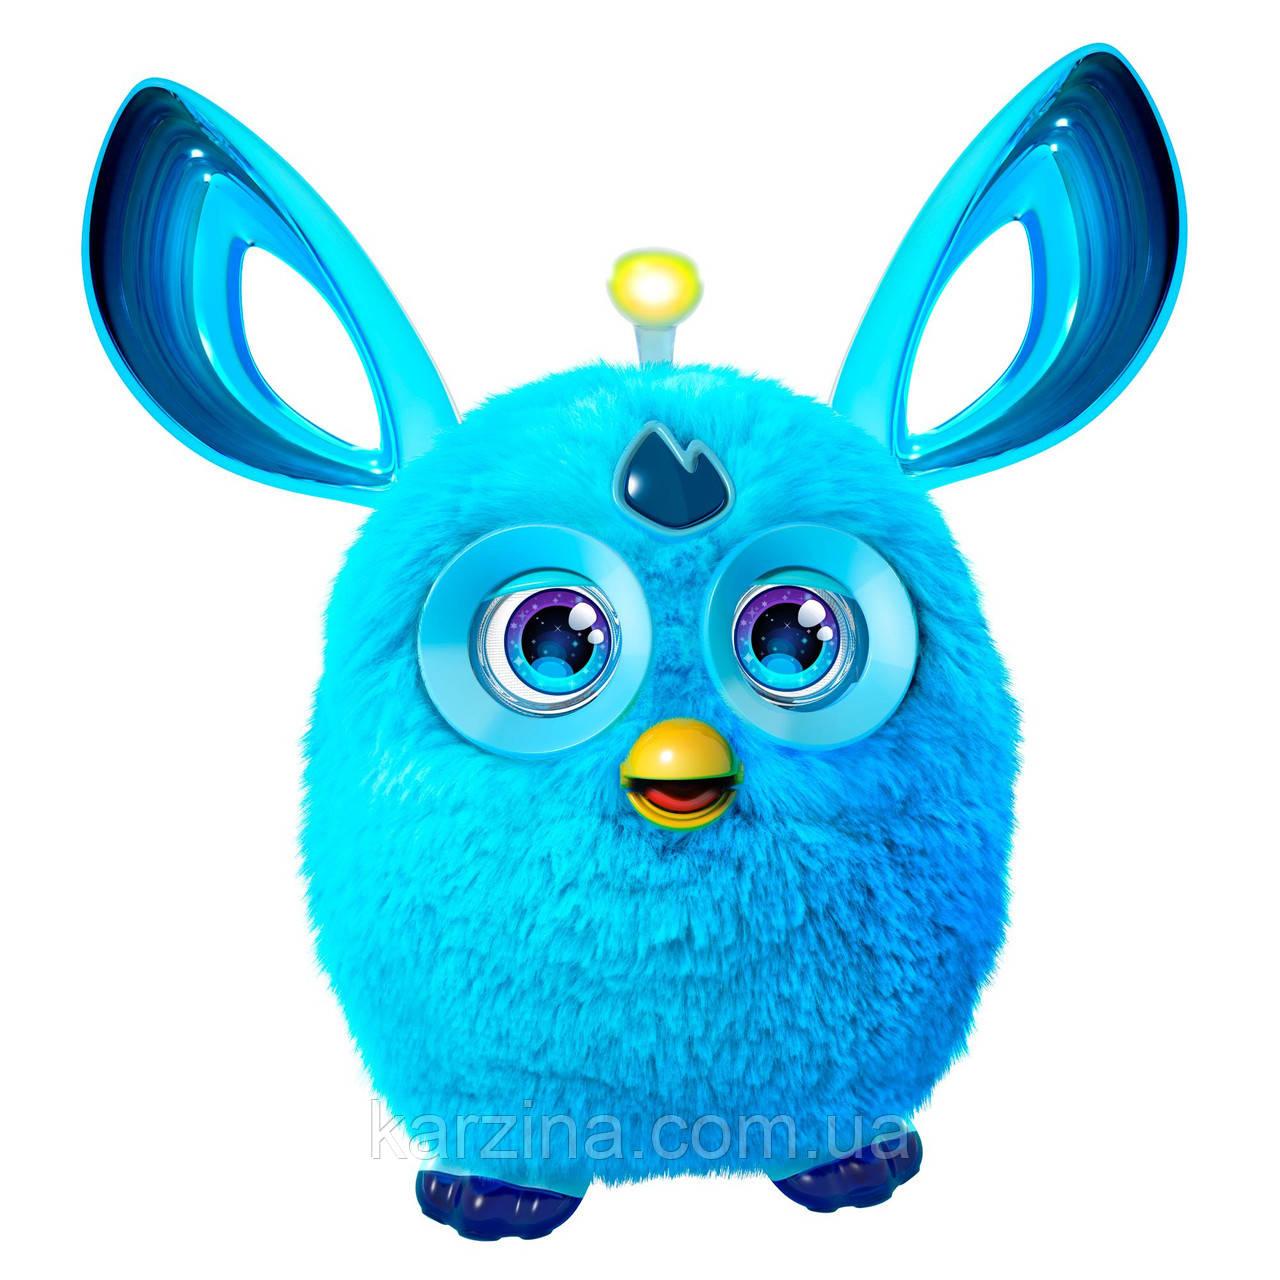 Furby Connect Русскоязычный Ферби Коннект голубой Hasbro